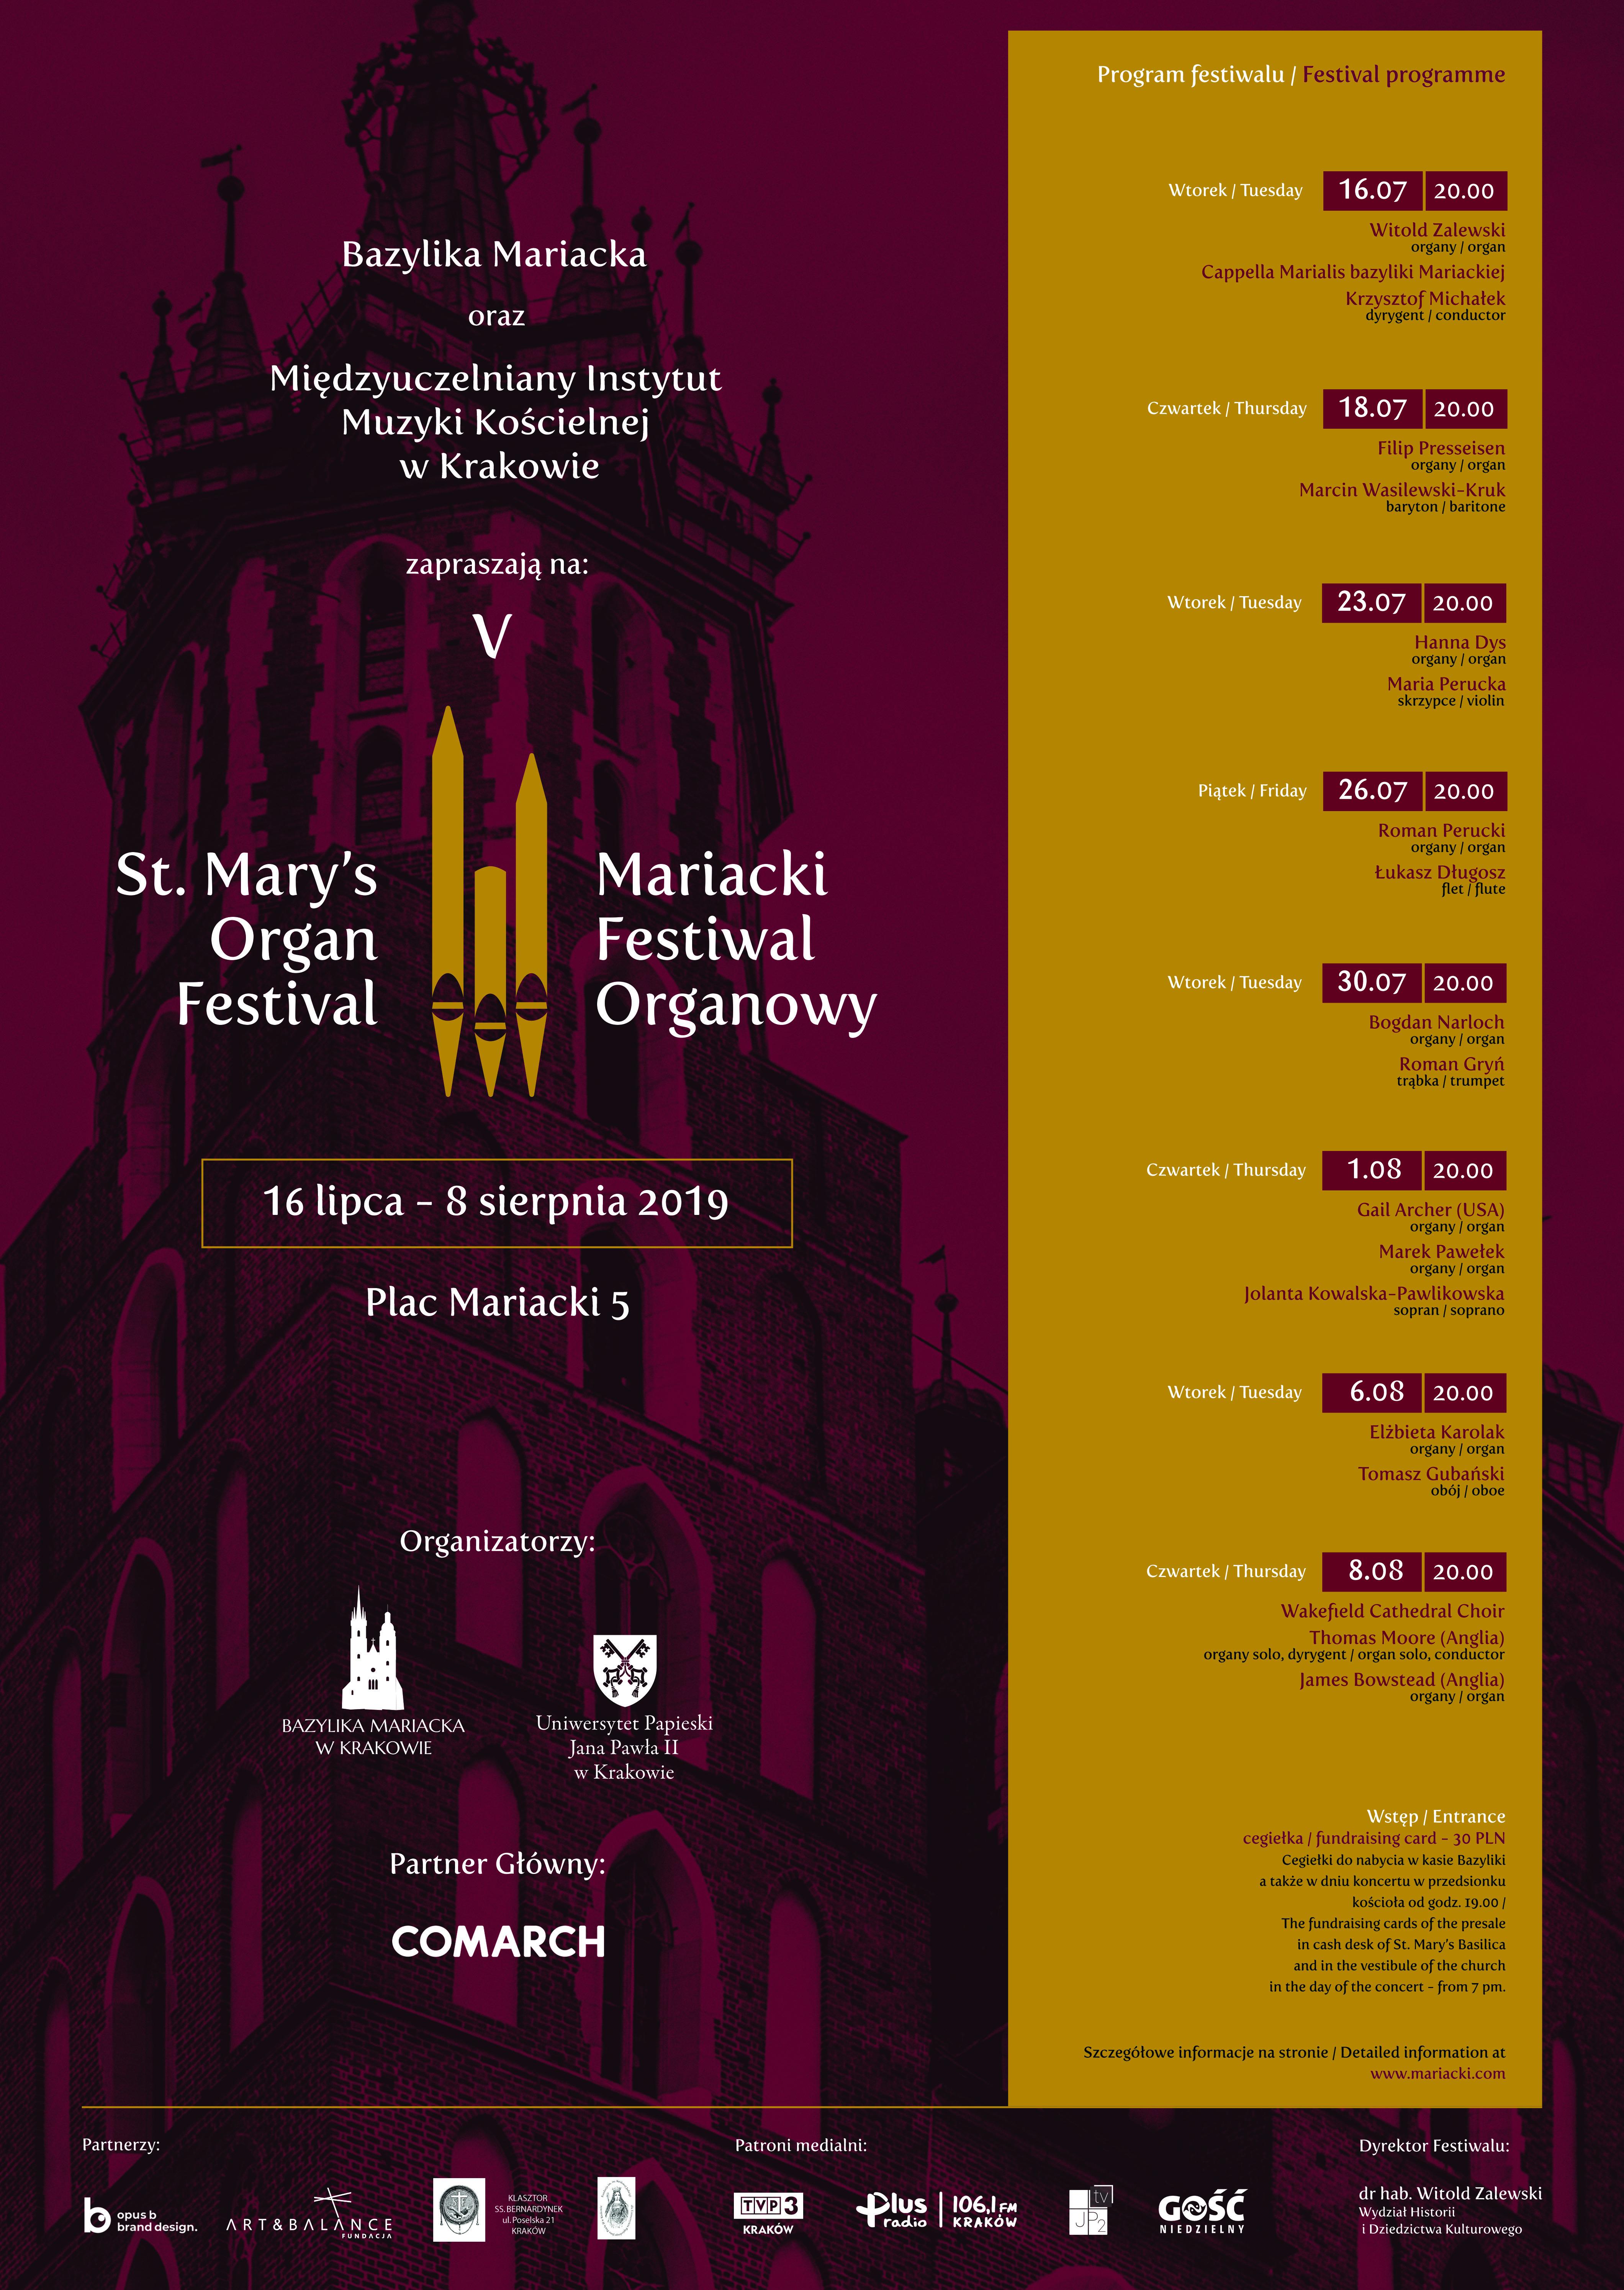 V Mariacki Festiwal Organowy